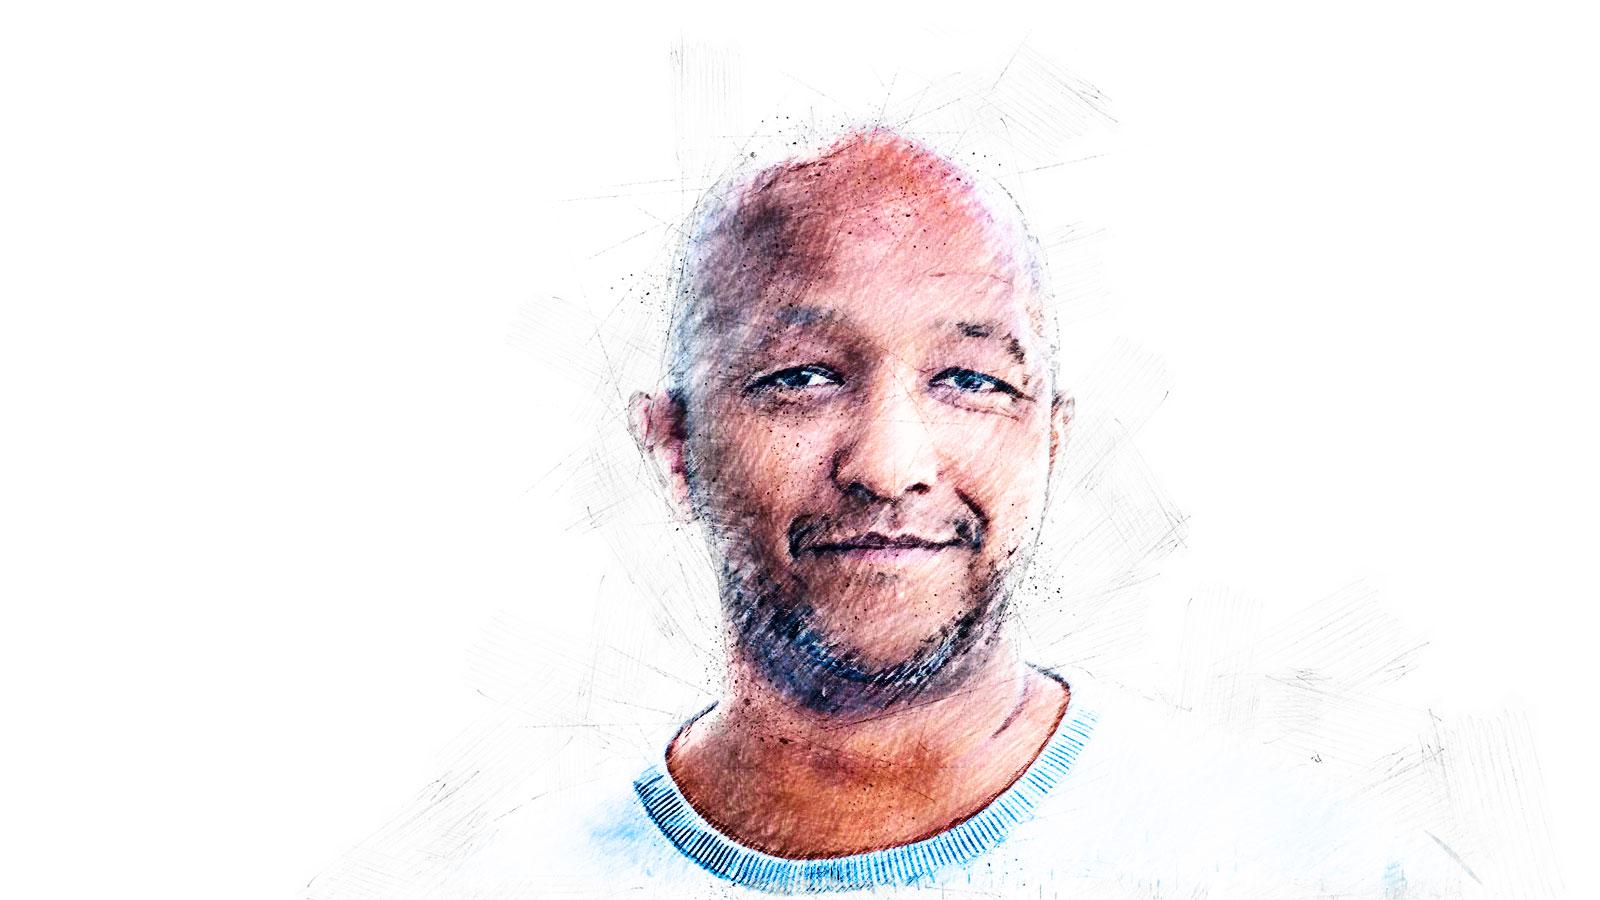 Sami Omar, Migazin, Rassismus, Artikel, Meinung, Kommentar